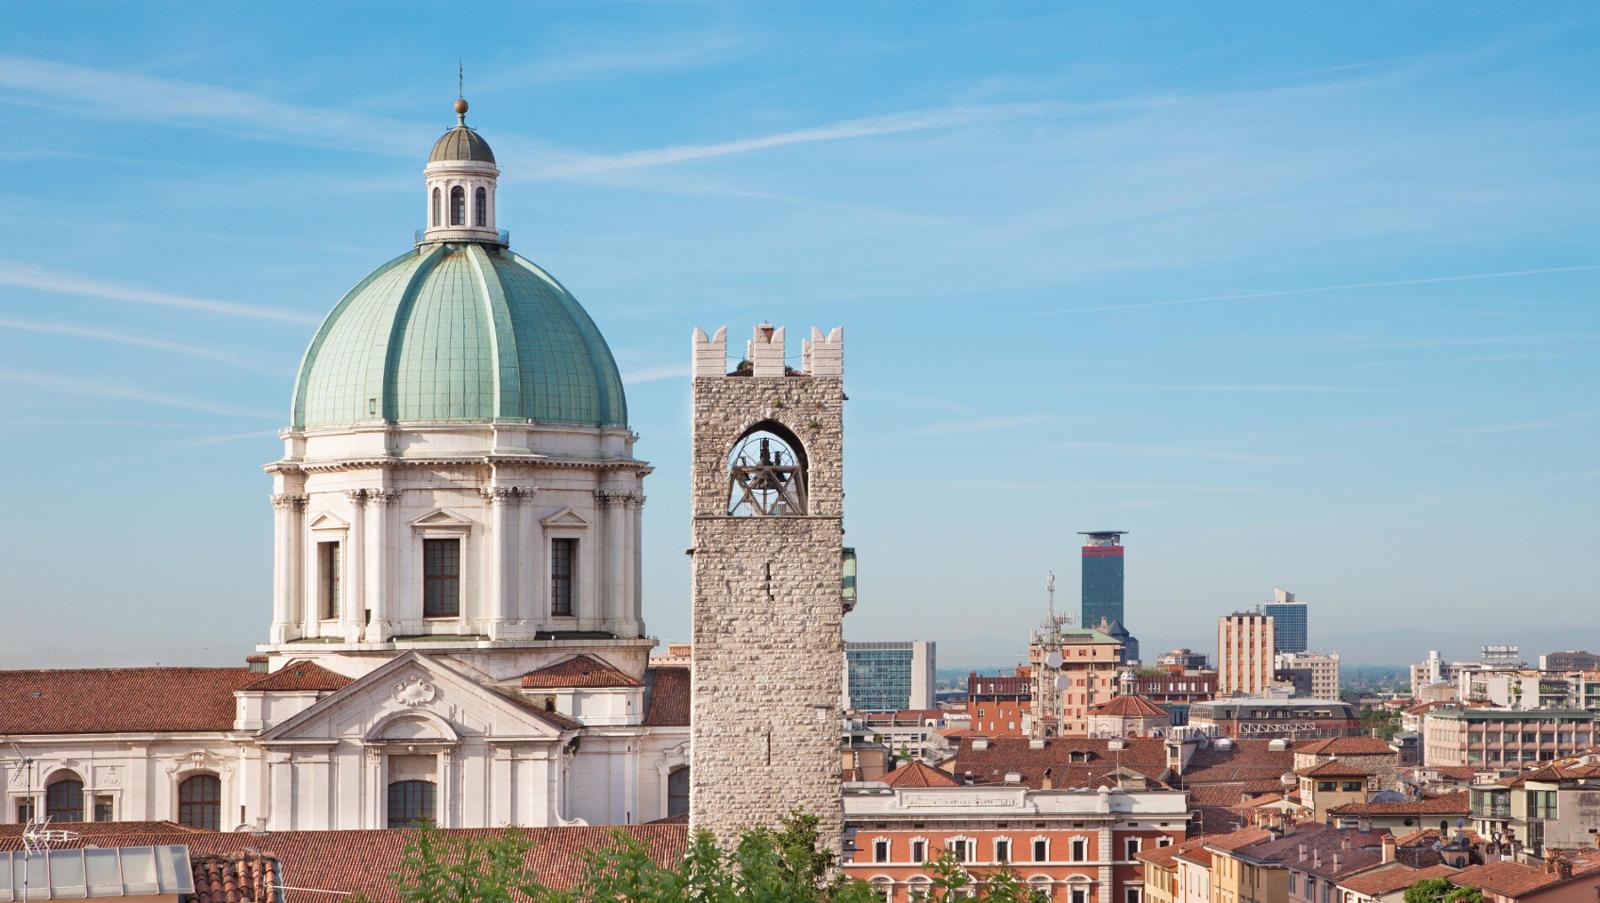 Valutazione Immobili Brescia